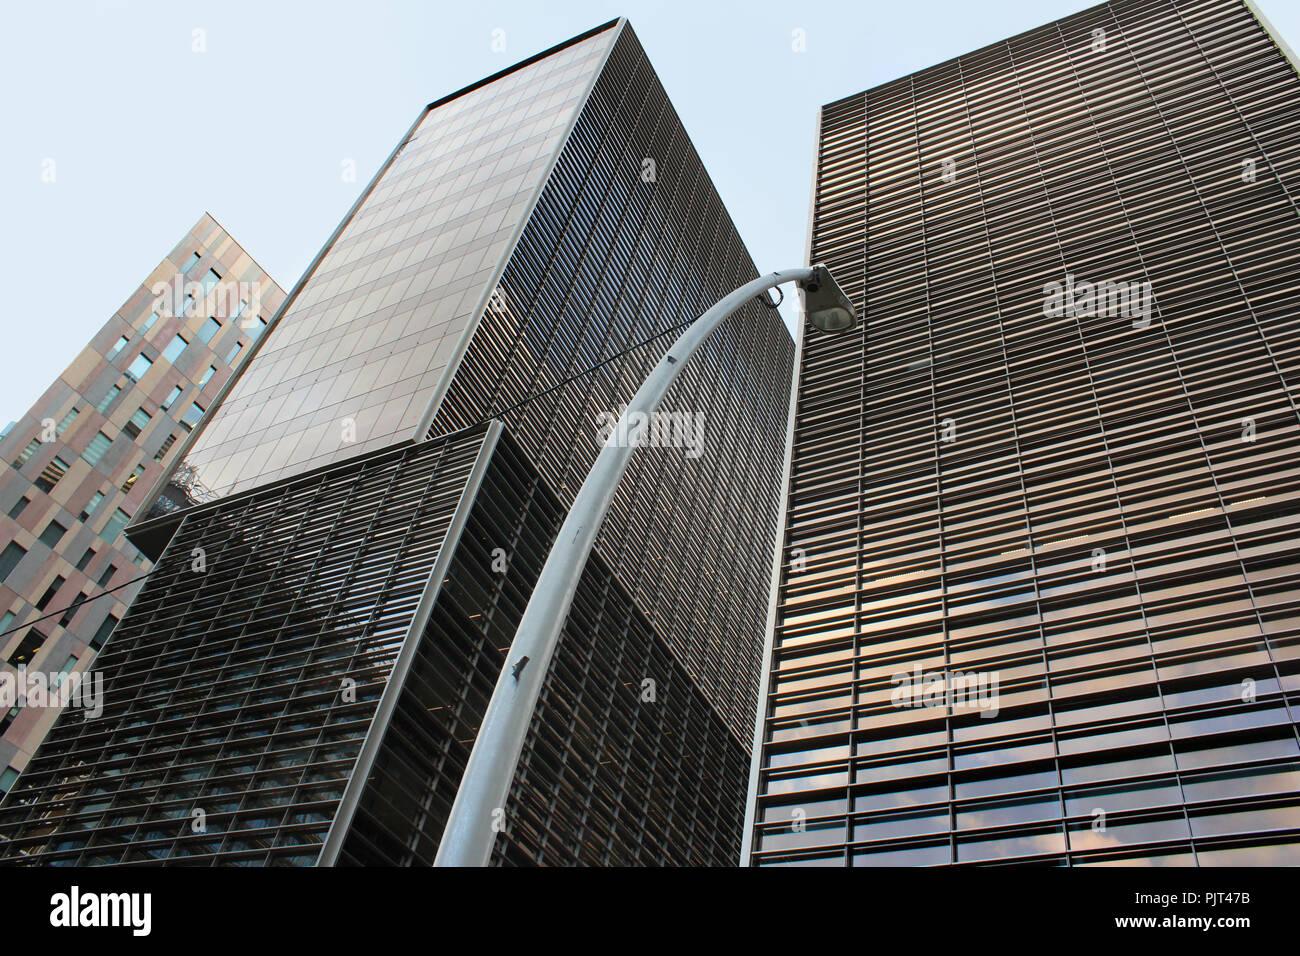 Détail des bâtiments dans le 22@ District de Poblenou, Barcelone, Catalogne, Espagne. Banque D'Images